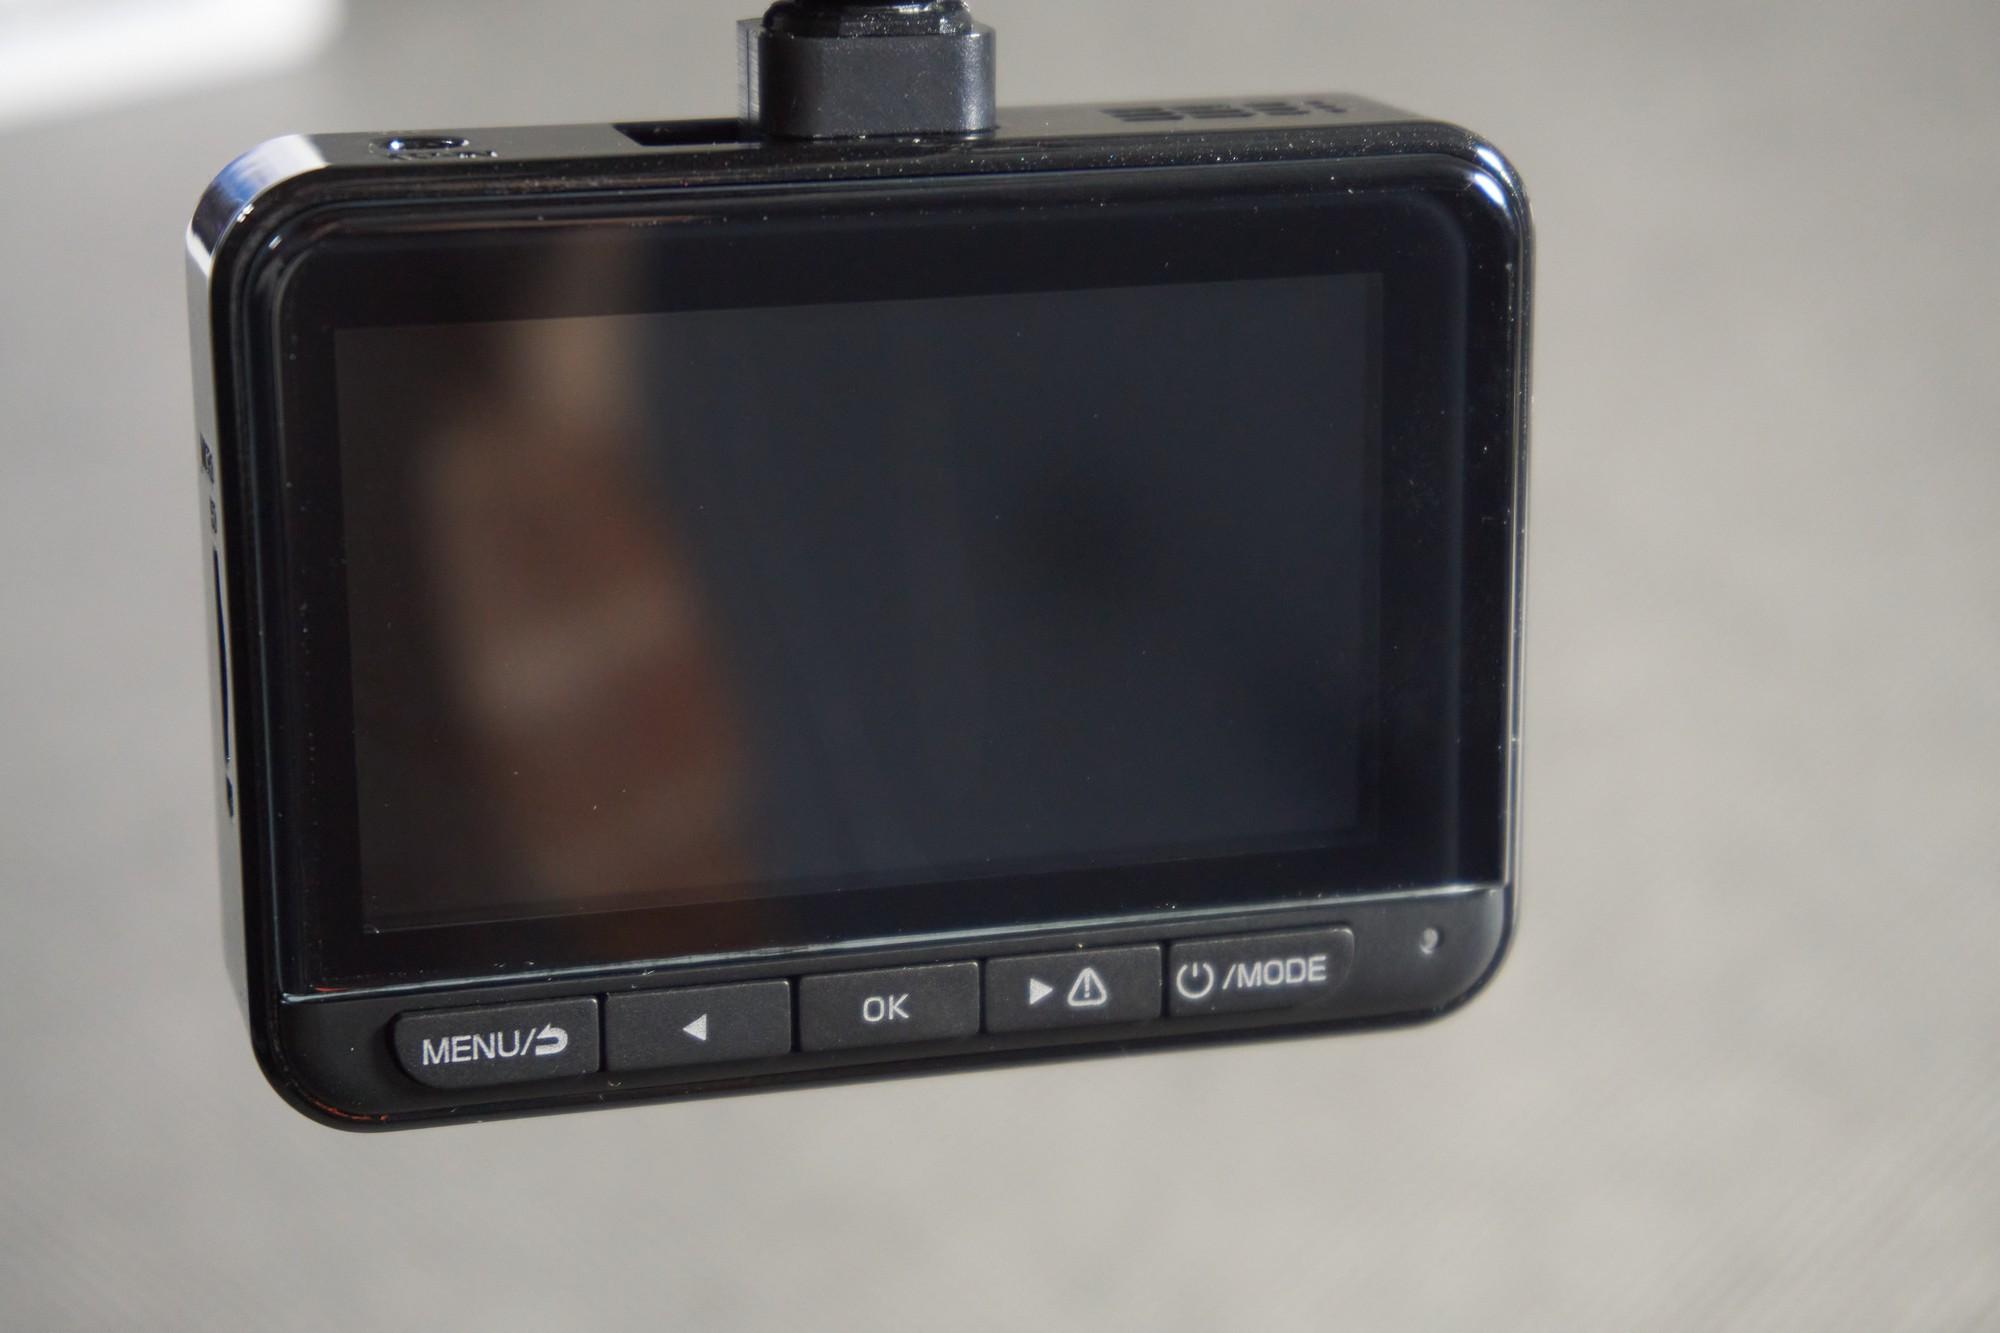 Recenzja Navitel R700 GPS Dual - multifunkcyjnego kombajnu samochodowego